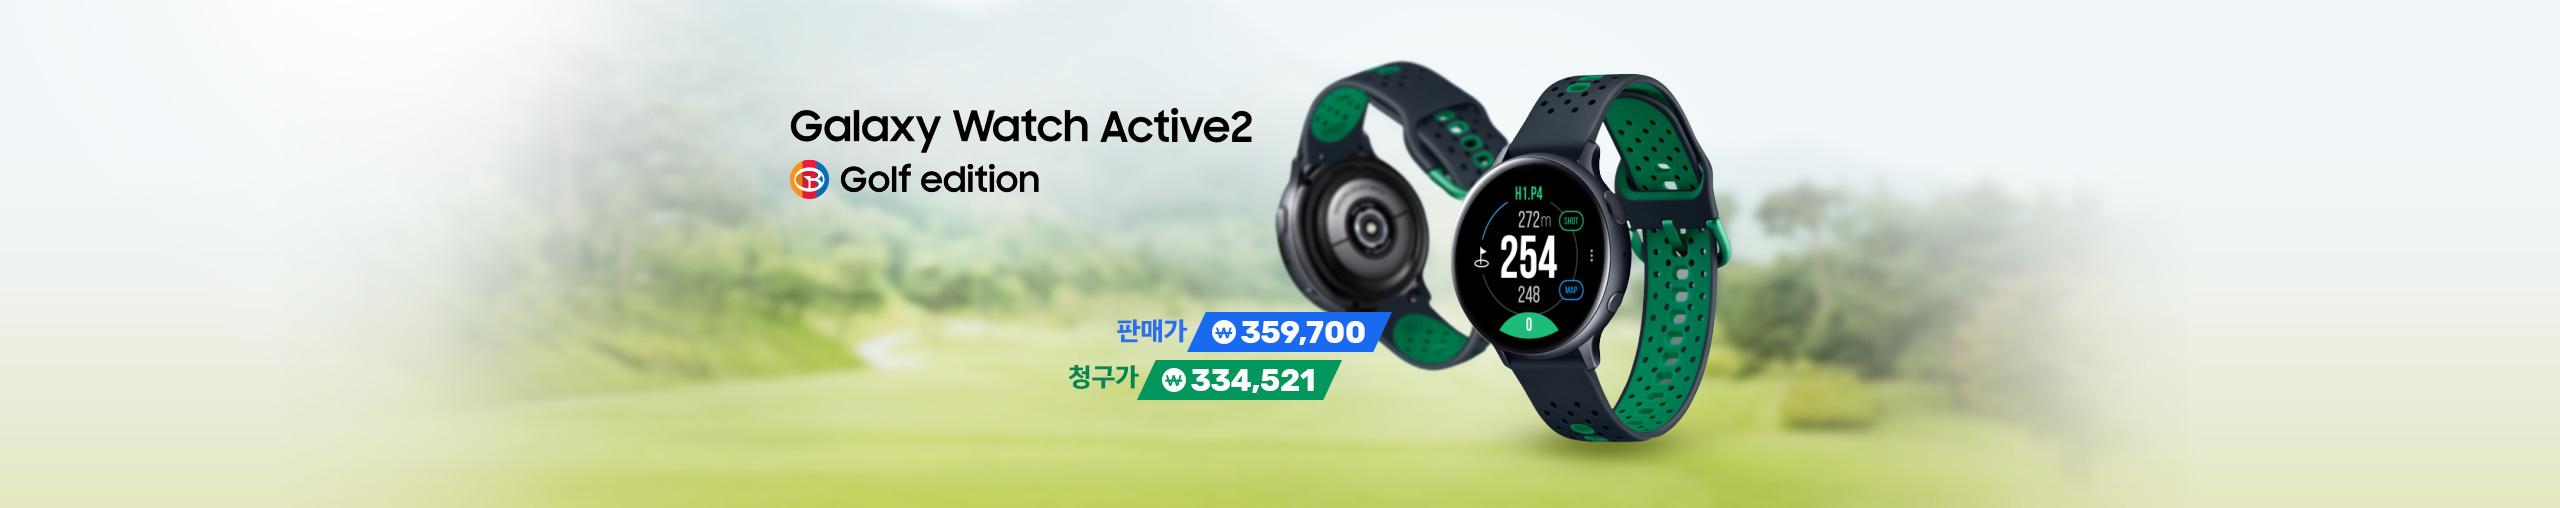 갤럭시워치 엑티브2 골프에디션